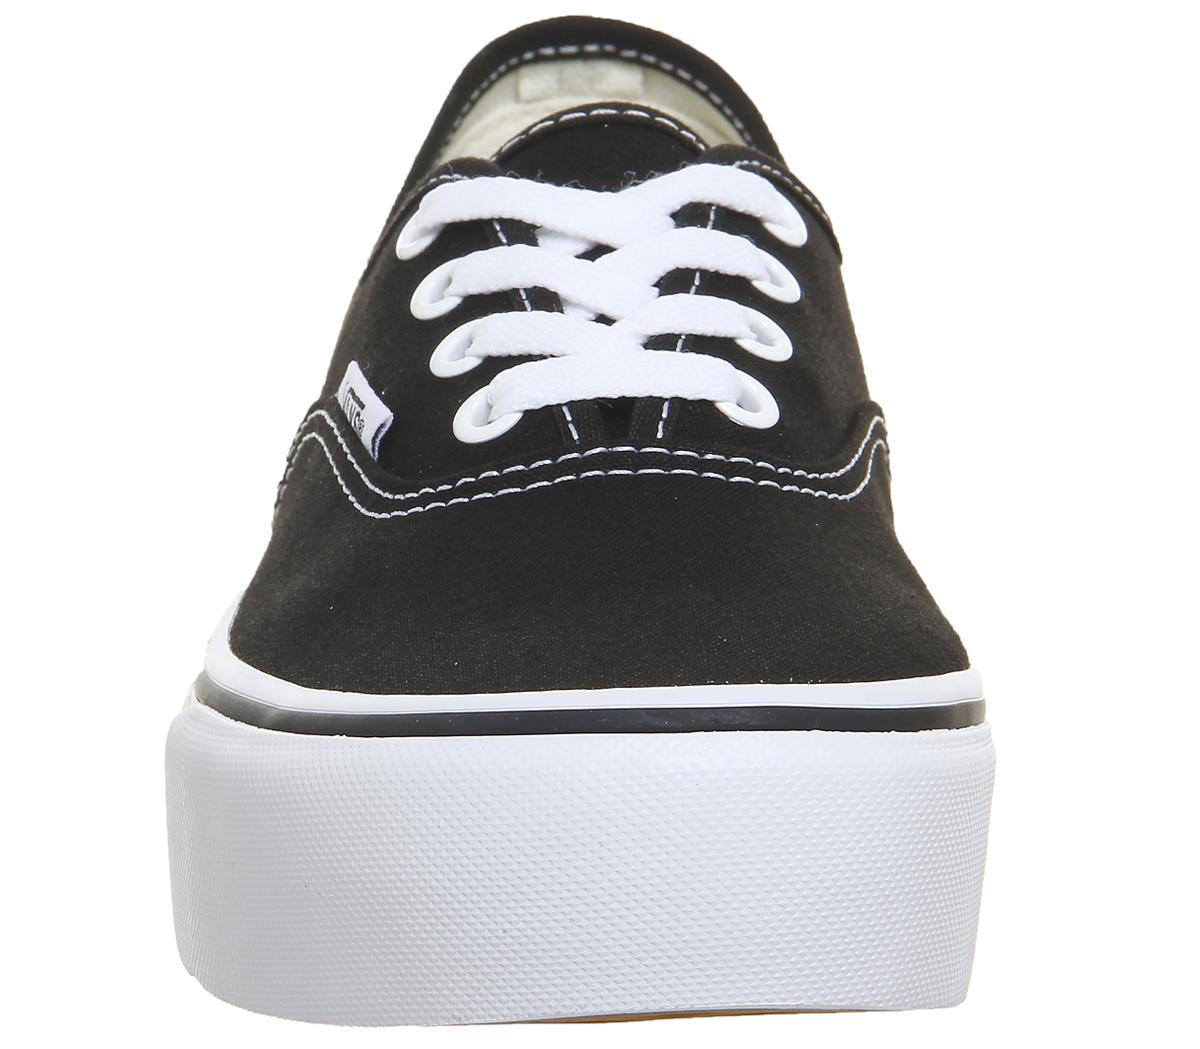 Damenschuhe Vans Schuhes Authentic Platforms BLACK Trainers Schuhes Vans 2e37cb